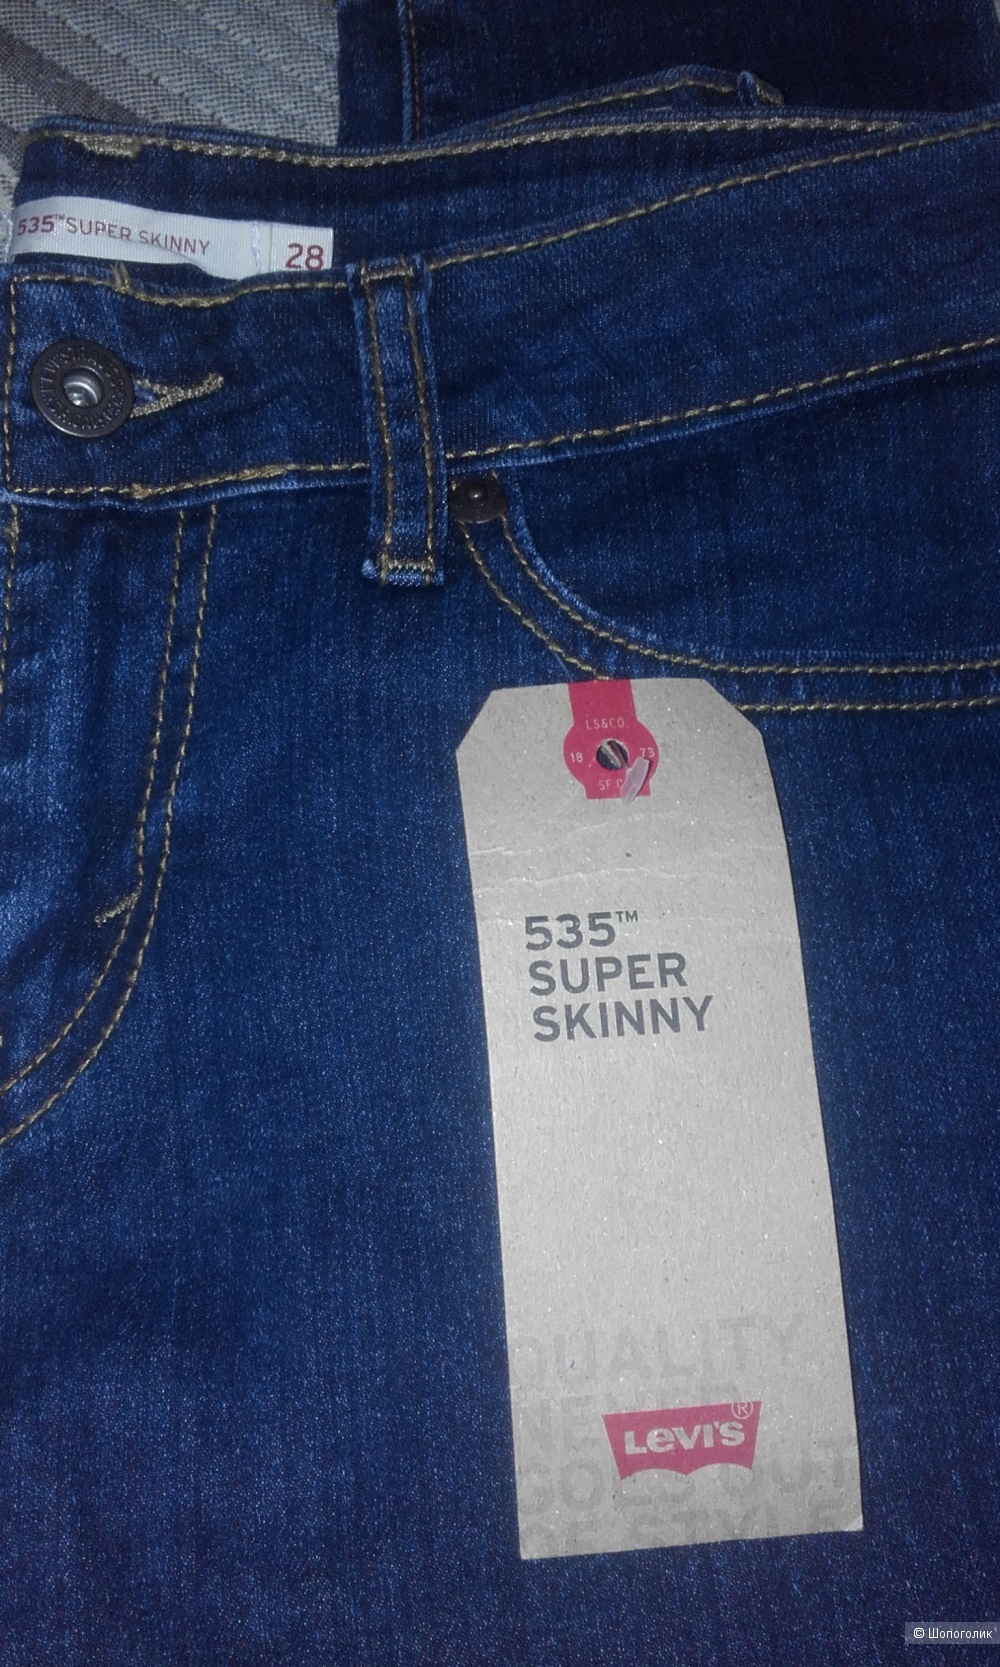 Джинсы Levi's 535 super skinny. 28 размер (42-44 рос.)